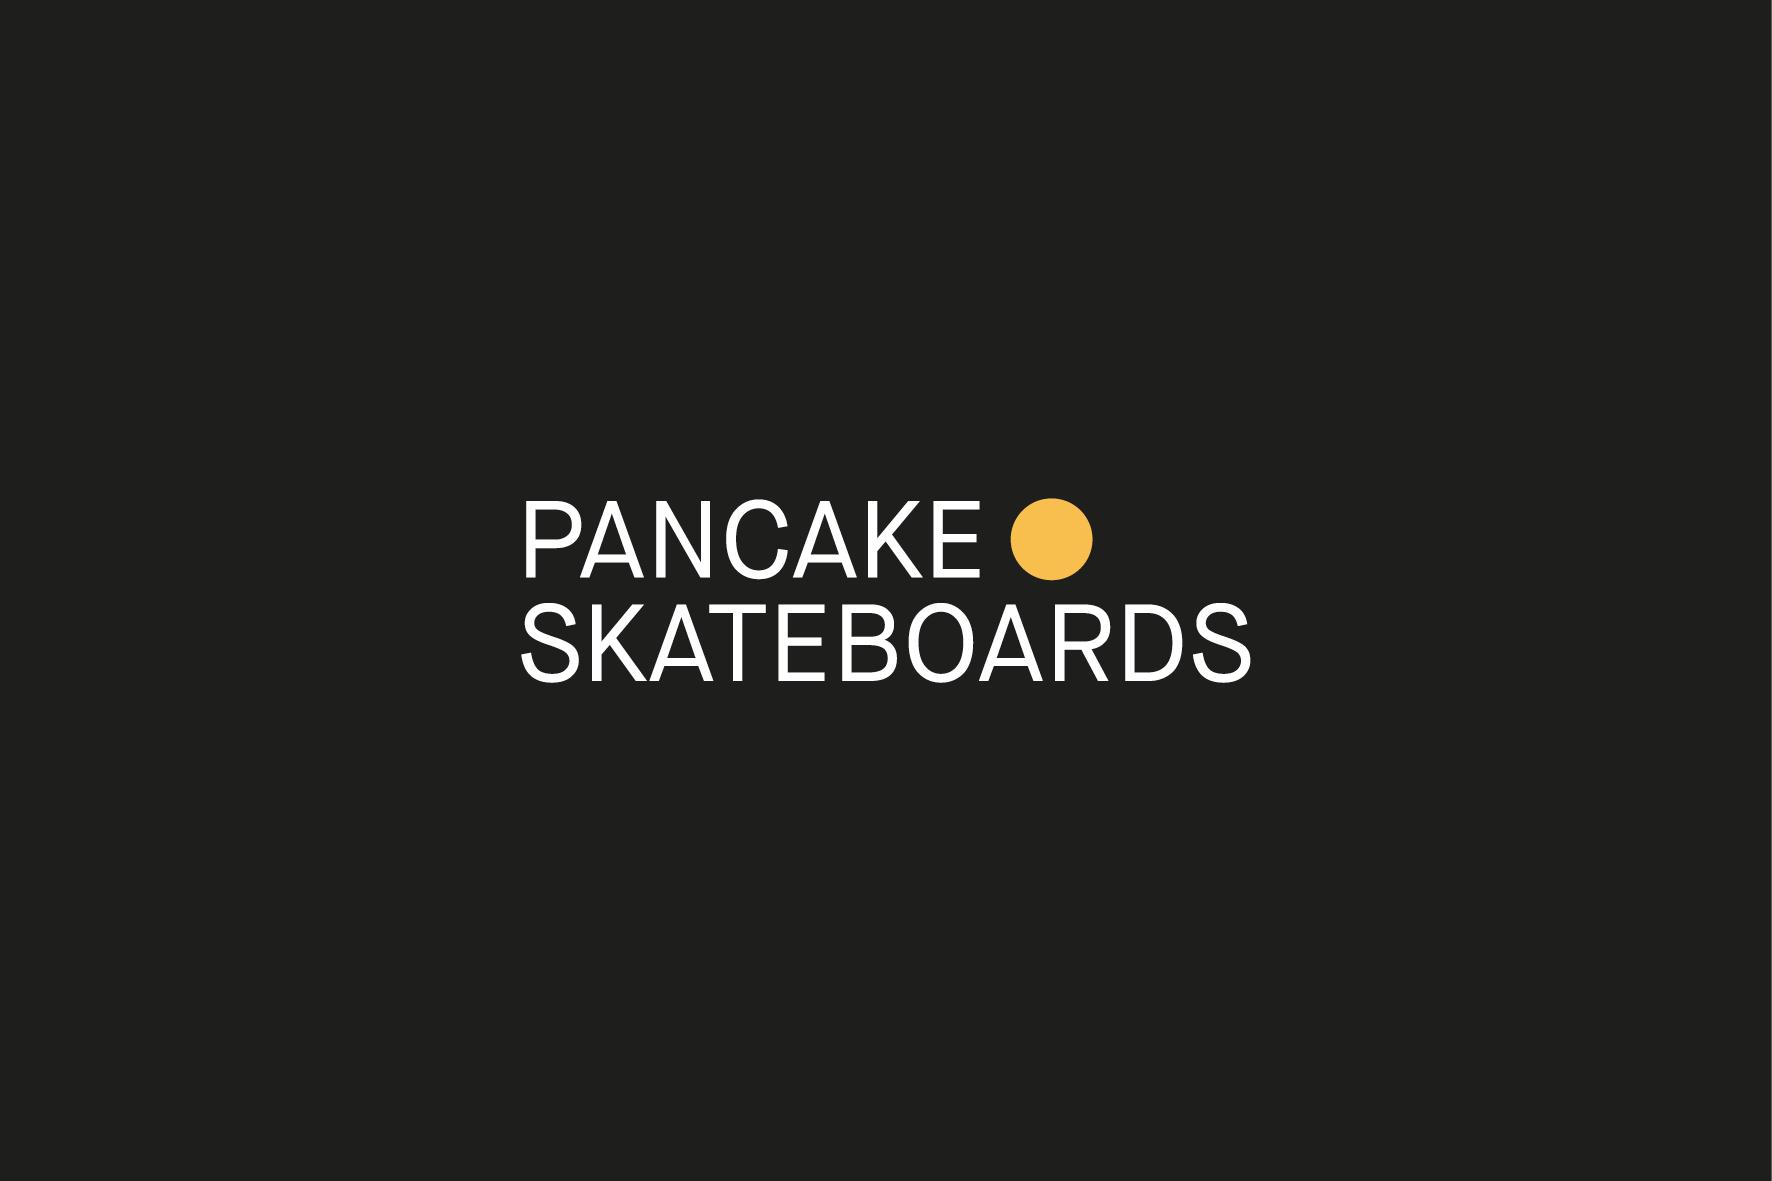 pancake_logo2